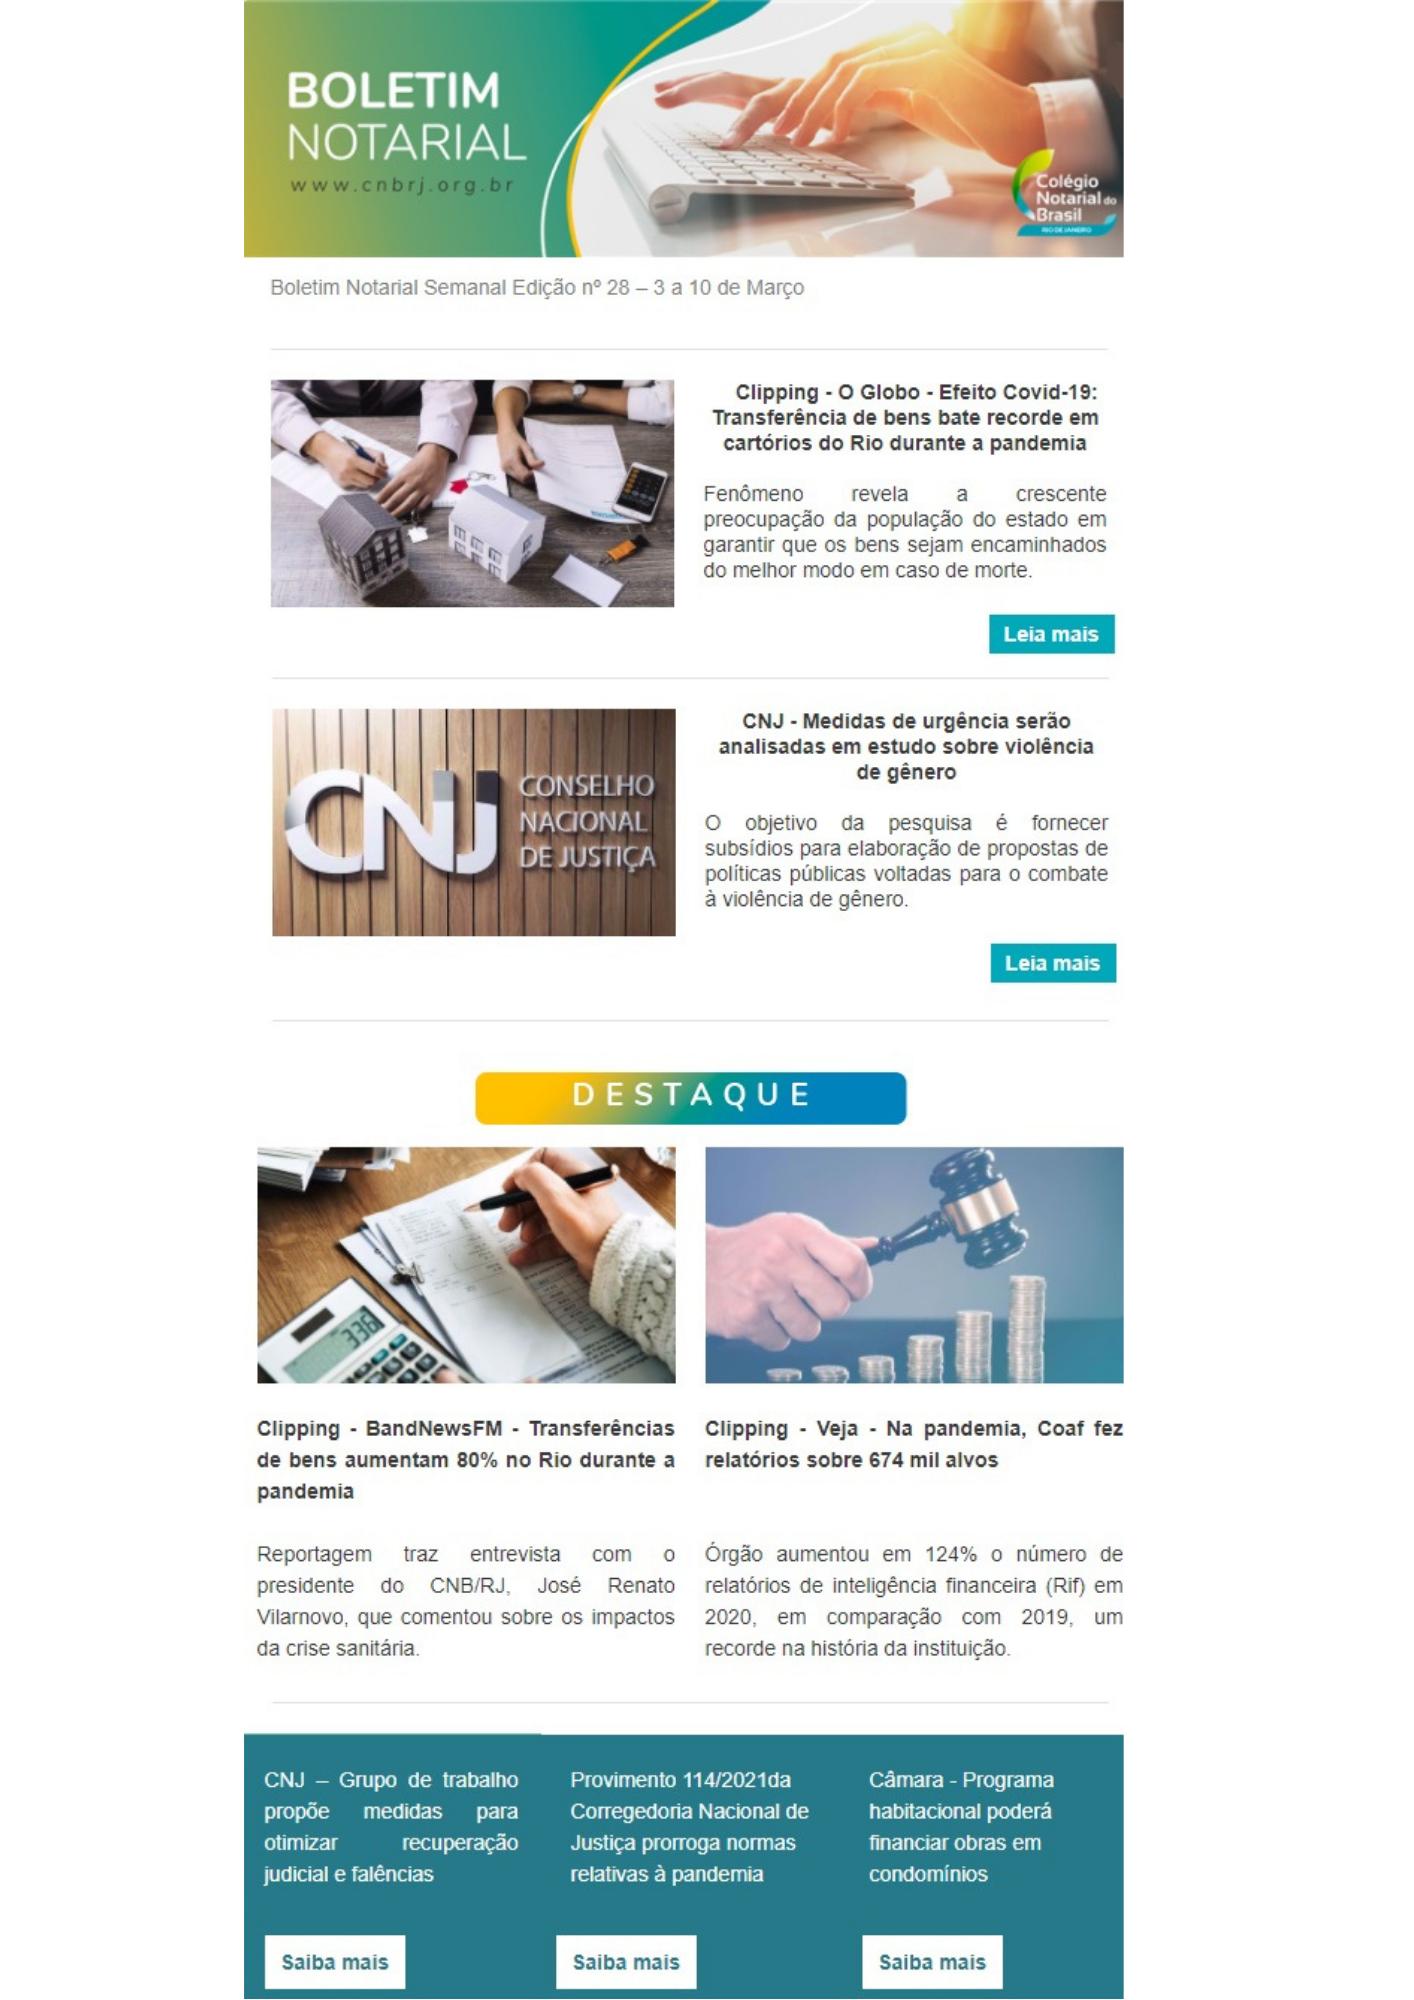 Boletim Notarial Semanal Edição Nº28